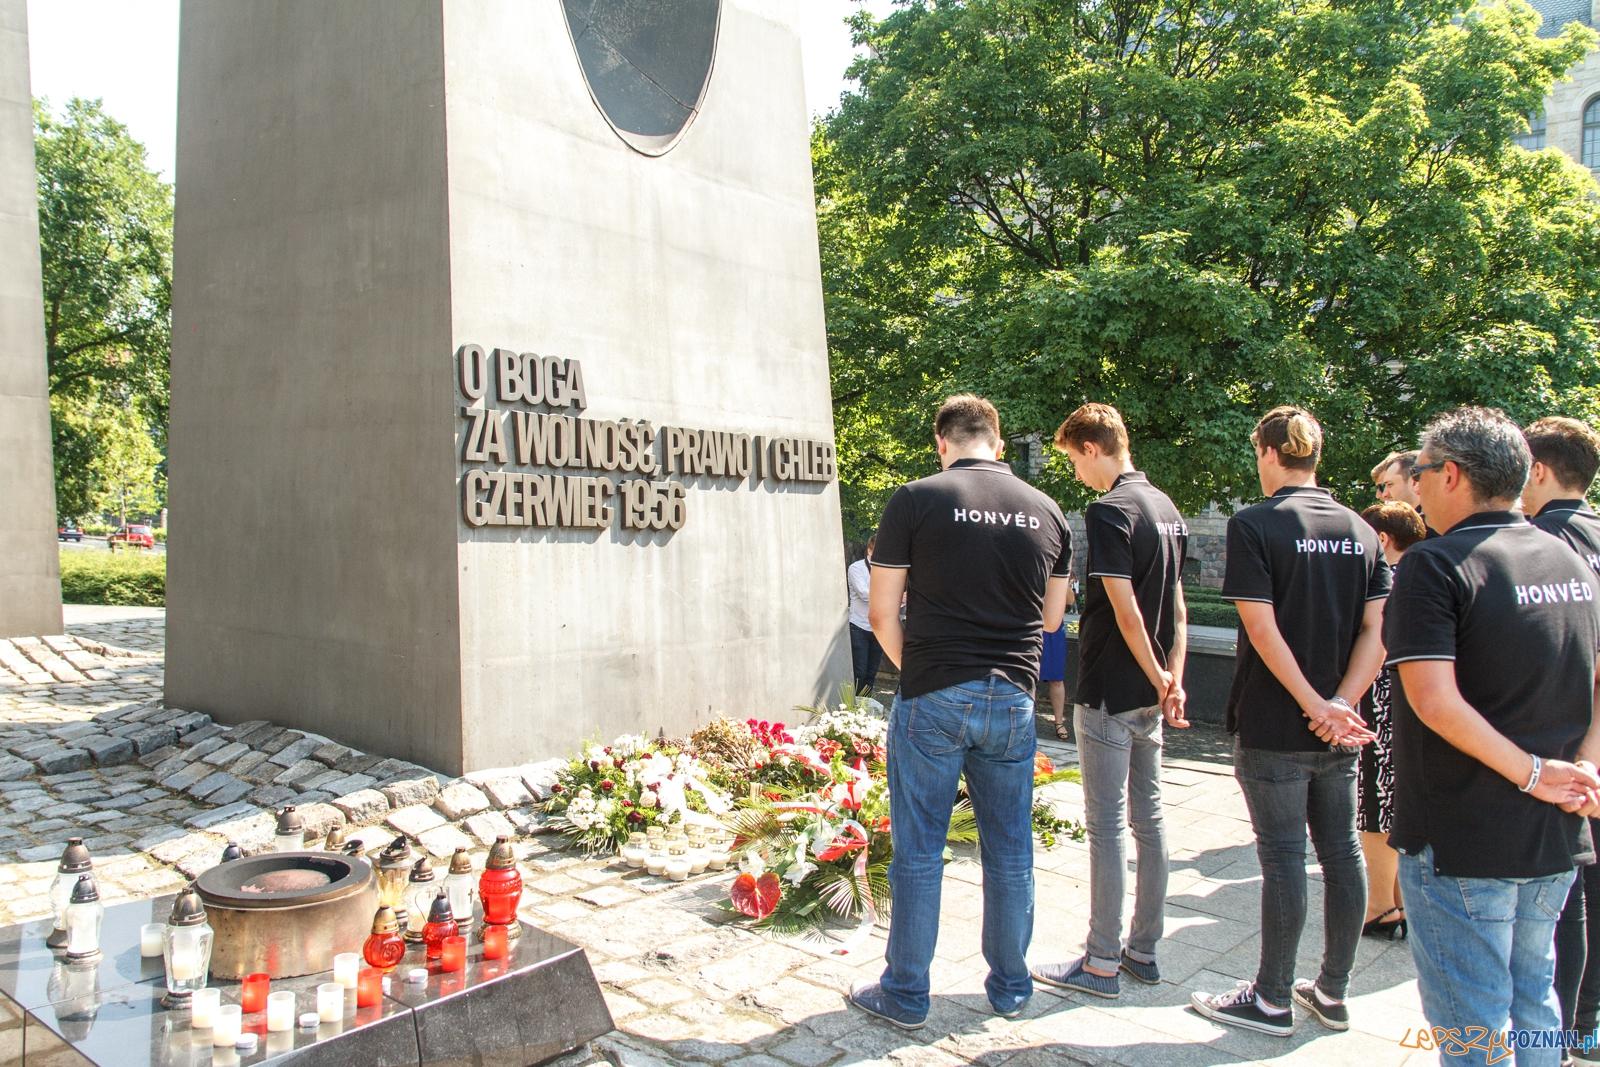 Waterpoliści składają kwiaty pod pomnikiem Czerwca 56 - Pozna  Foto: LepszyPOZNAN.pl / Paweł Rychter